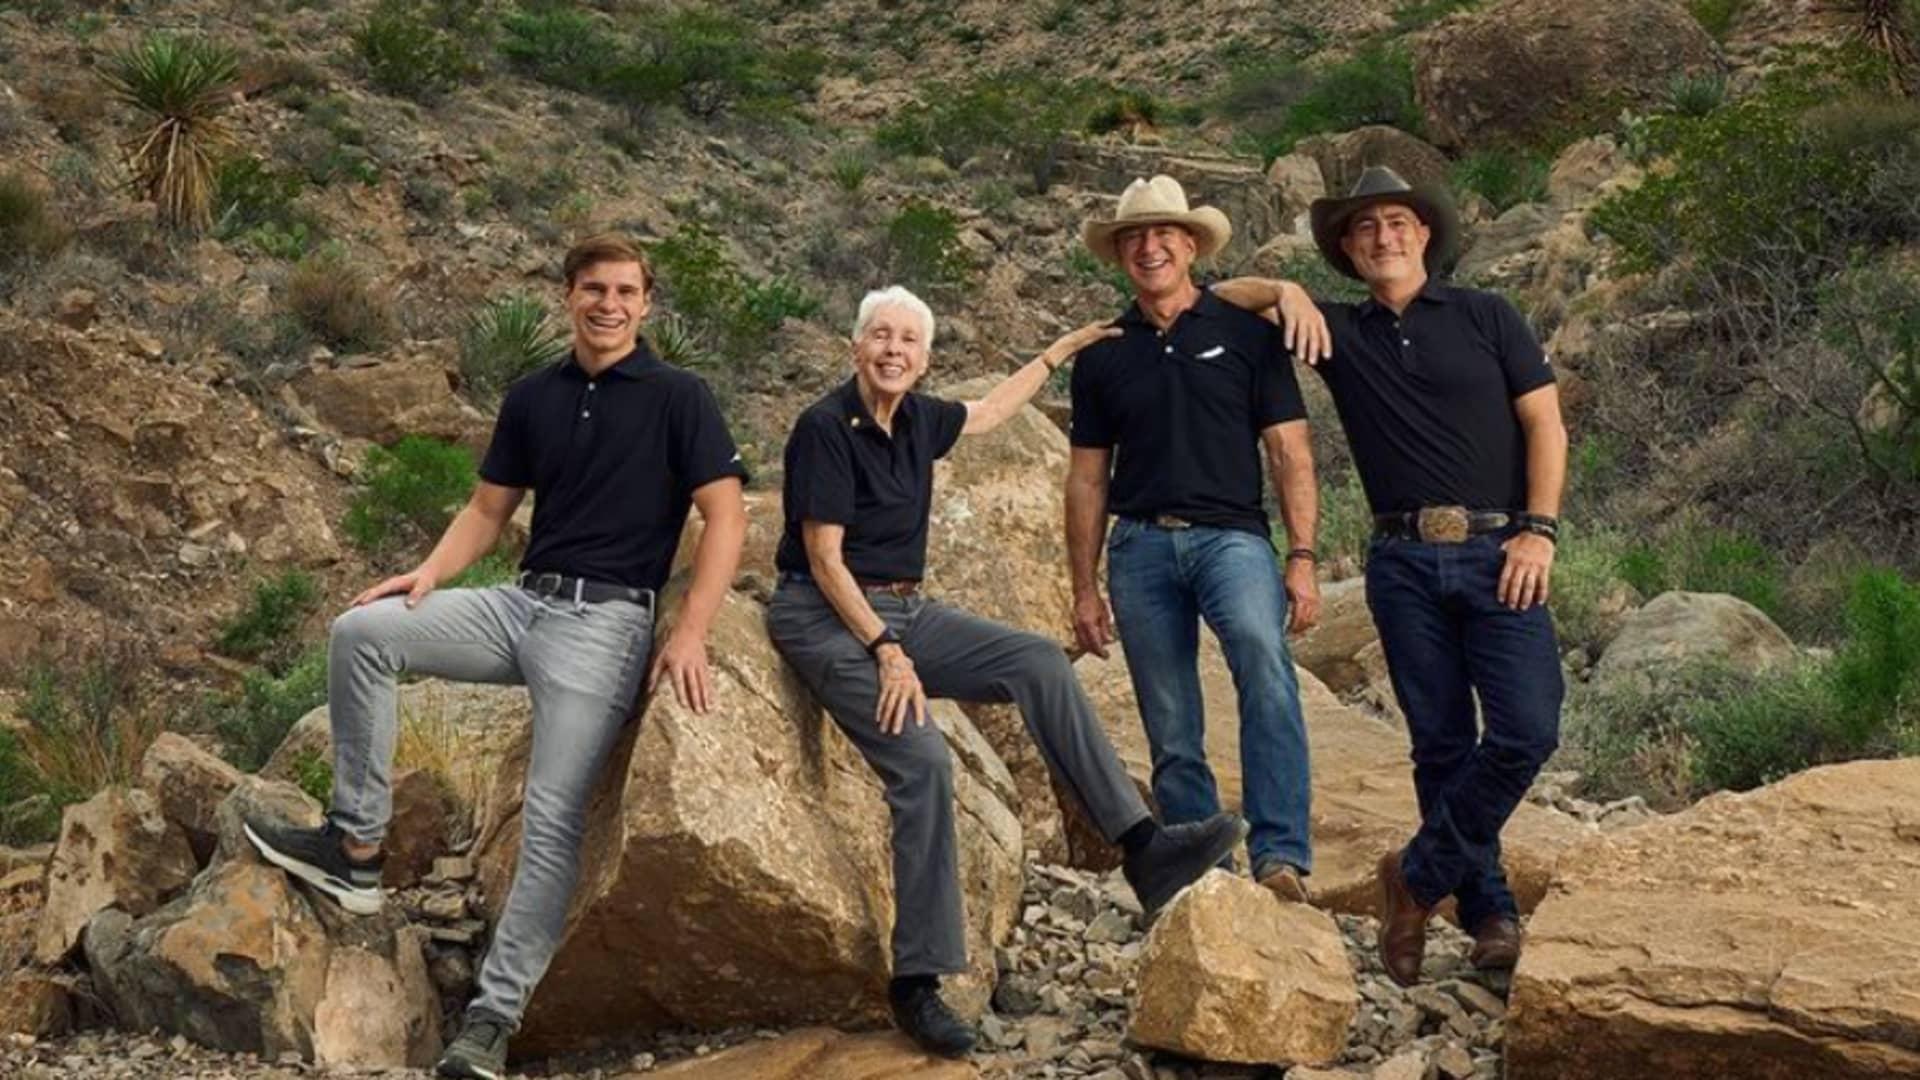 From left: Oliver Daemen, Wally Funk, Jeff Bezos, Mark Bezos.